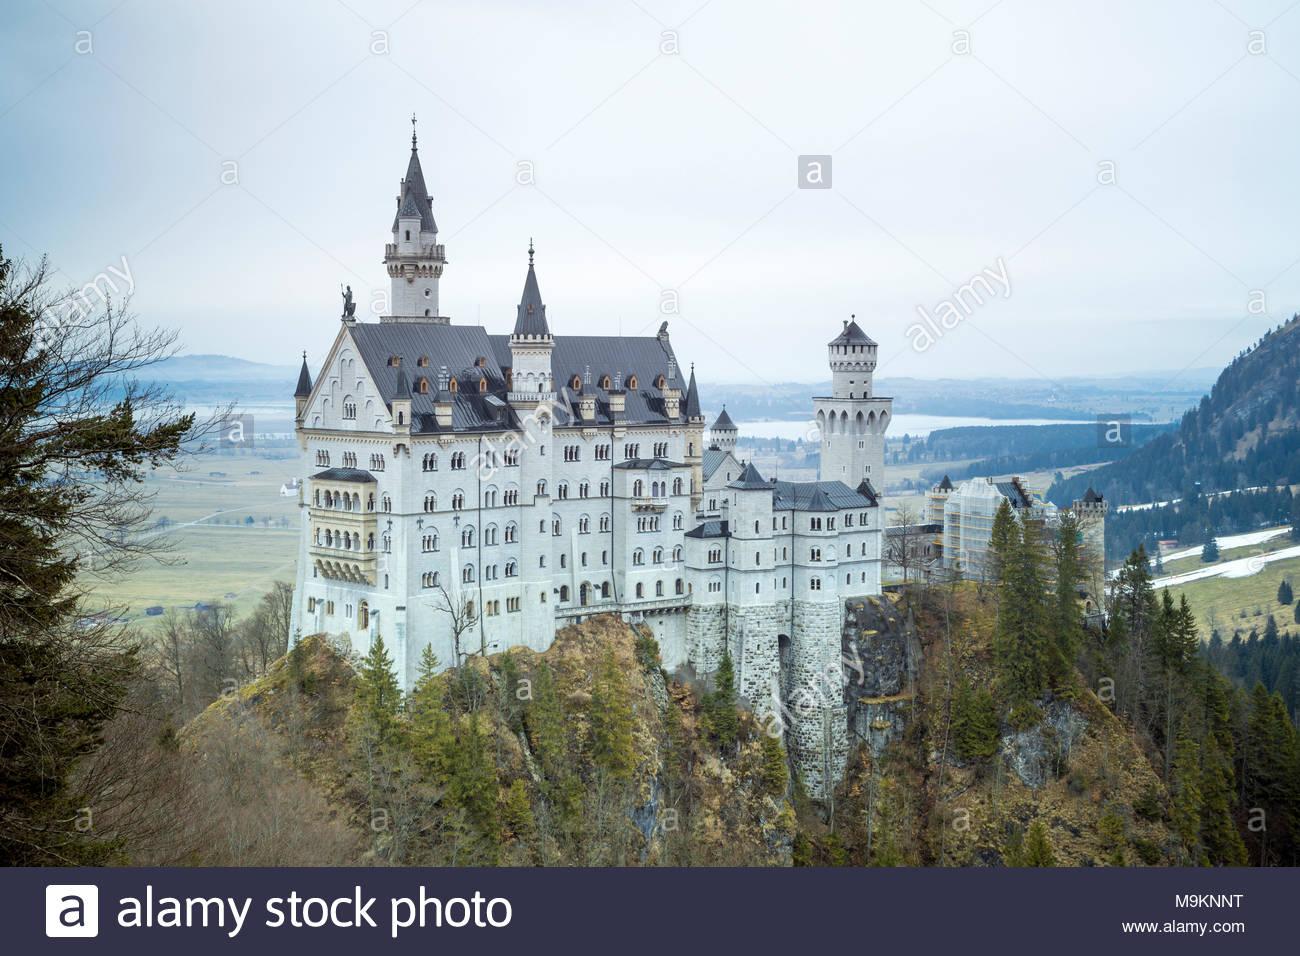 Neuschwanstein Castle, Schwangau, Ostallgäu, Schwaben district, Bavaria, Germany, Europe Stock Photo